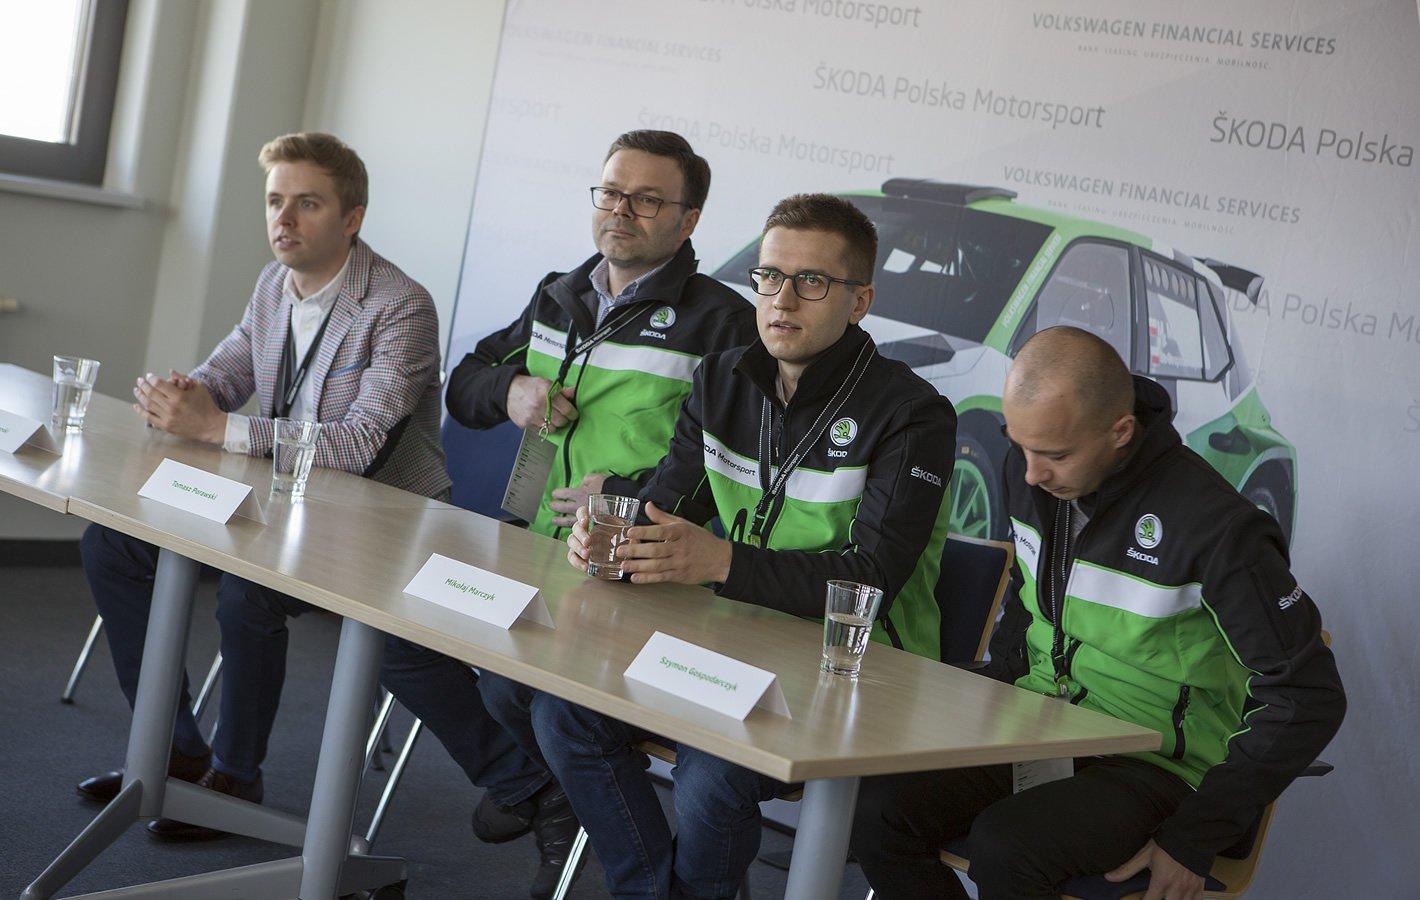 Zespół rajdowy Skoda Polska